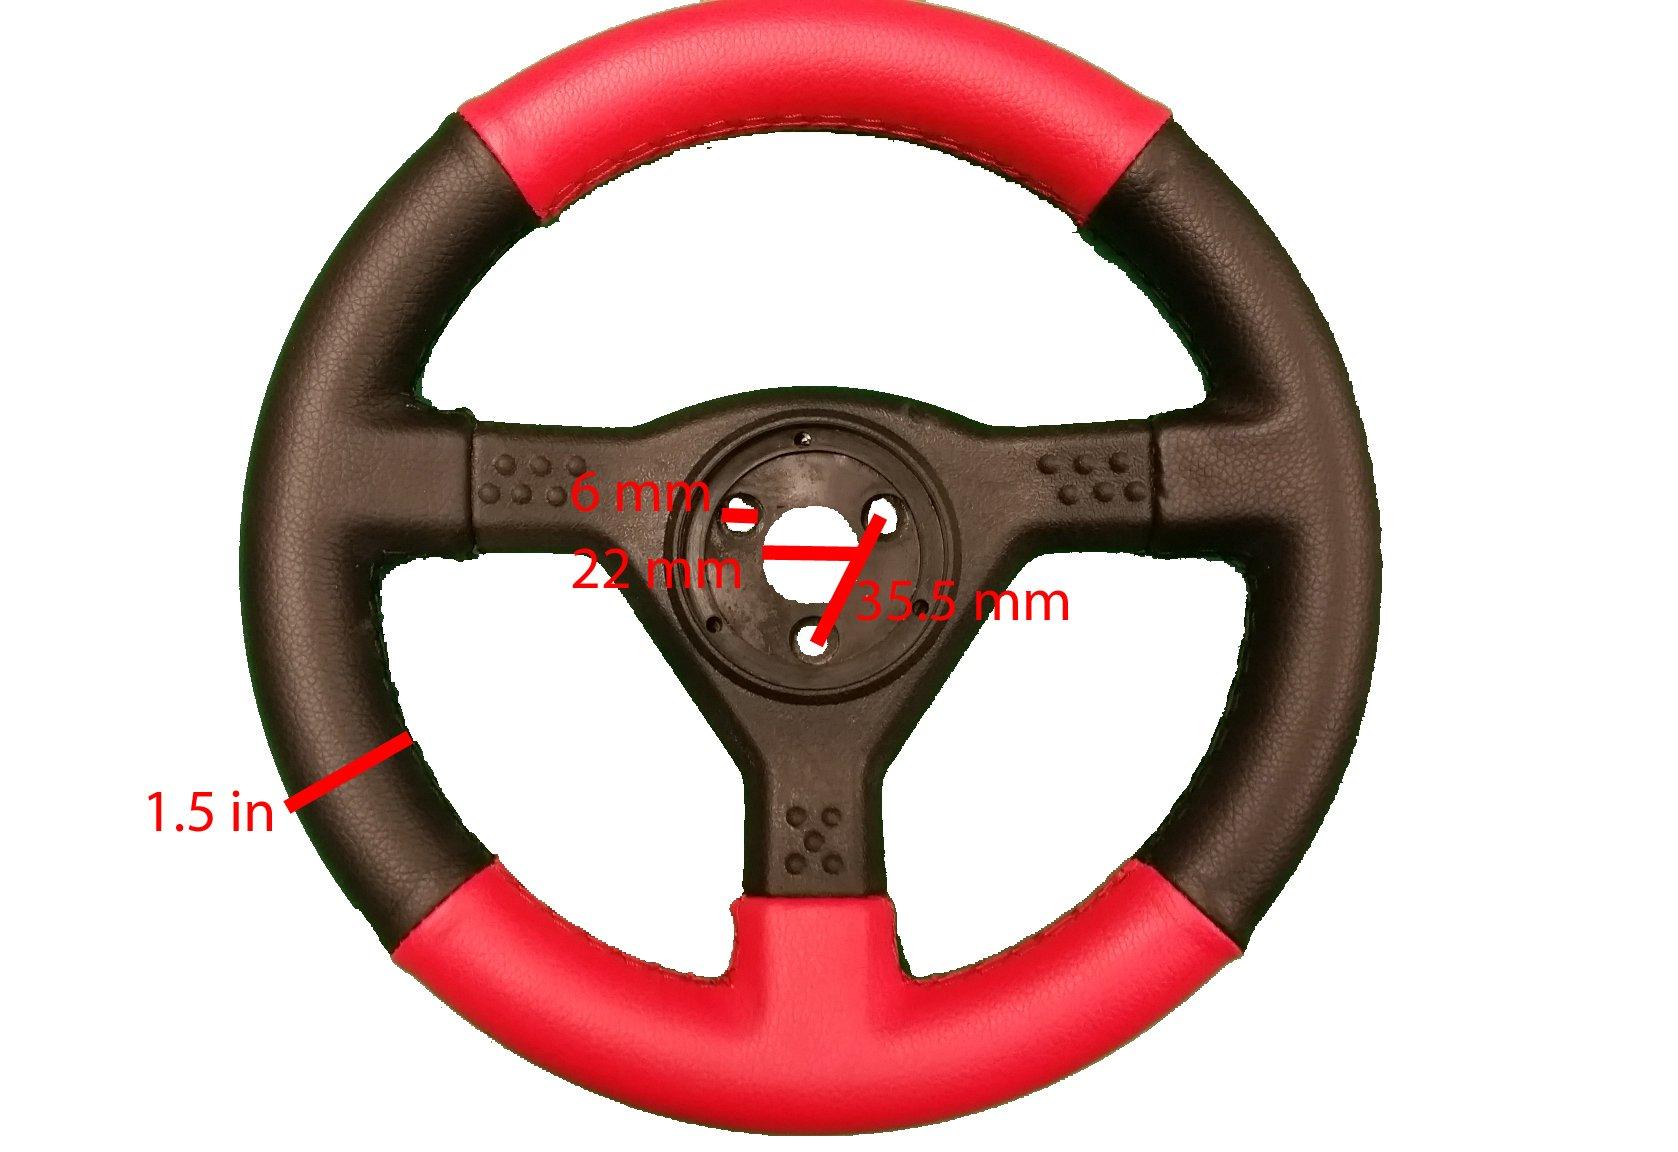 Bintelli Racing Go Kart Part Racing Go Kart Steering Wheel - Kids Kart Part - BK-220